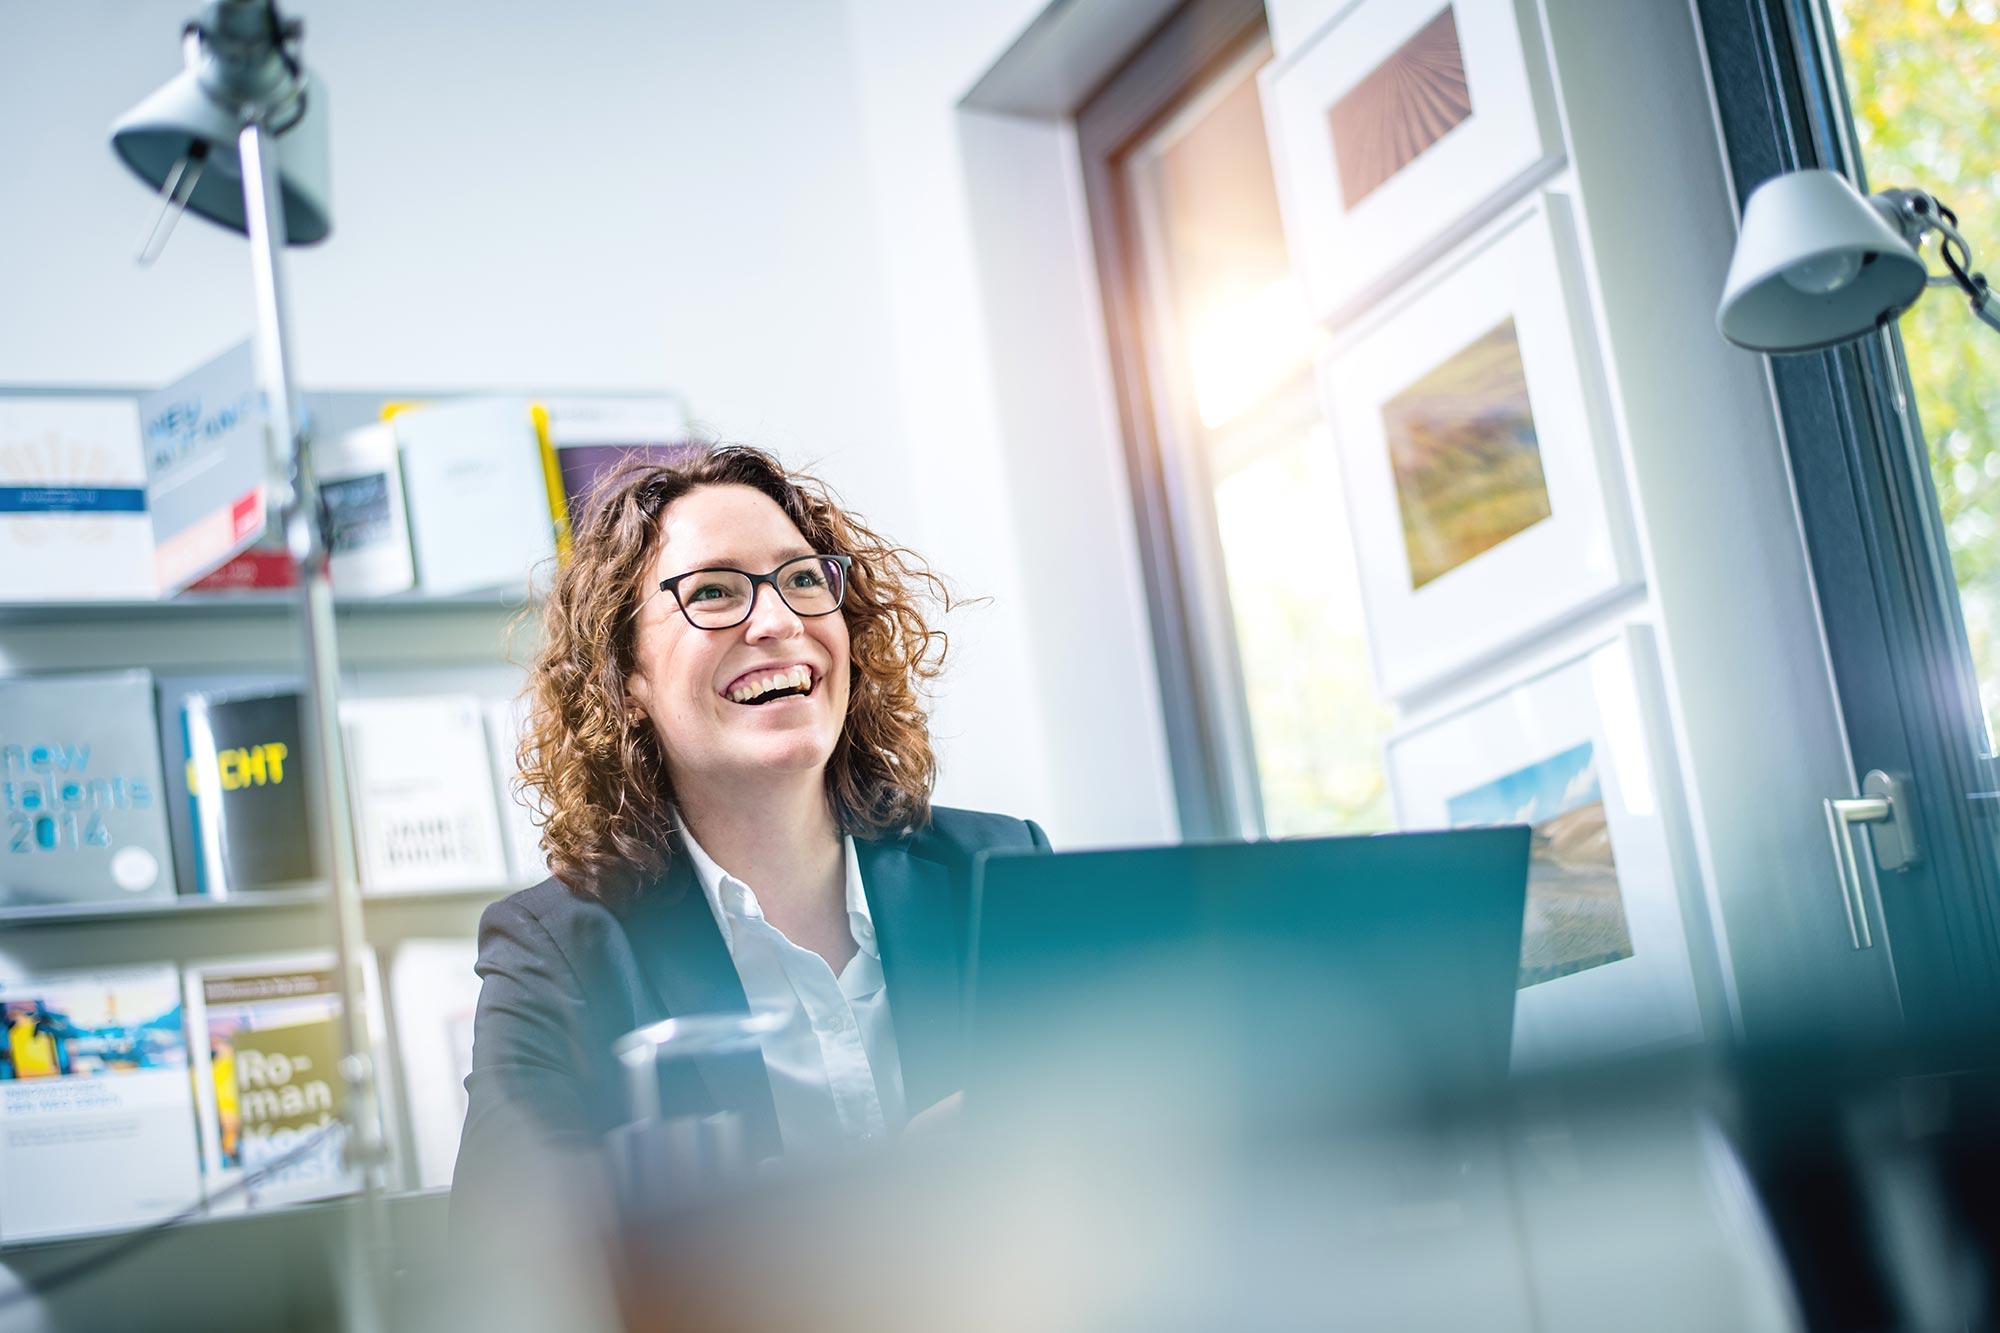 Santiago Advisors Beratungsagentur Imagemotive Businessfotografie Mitarbeiterin hoch motiviert am Arbeitsplatz lachend froh modern